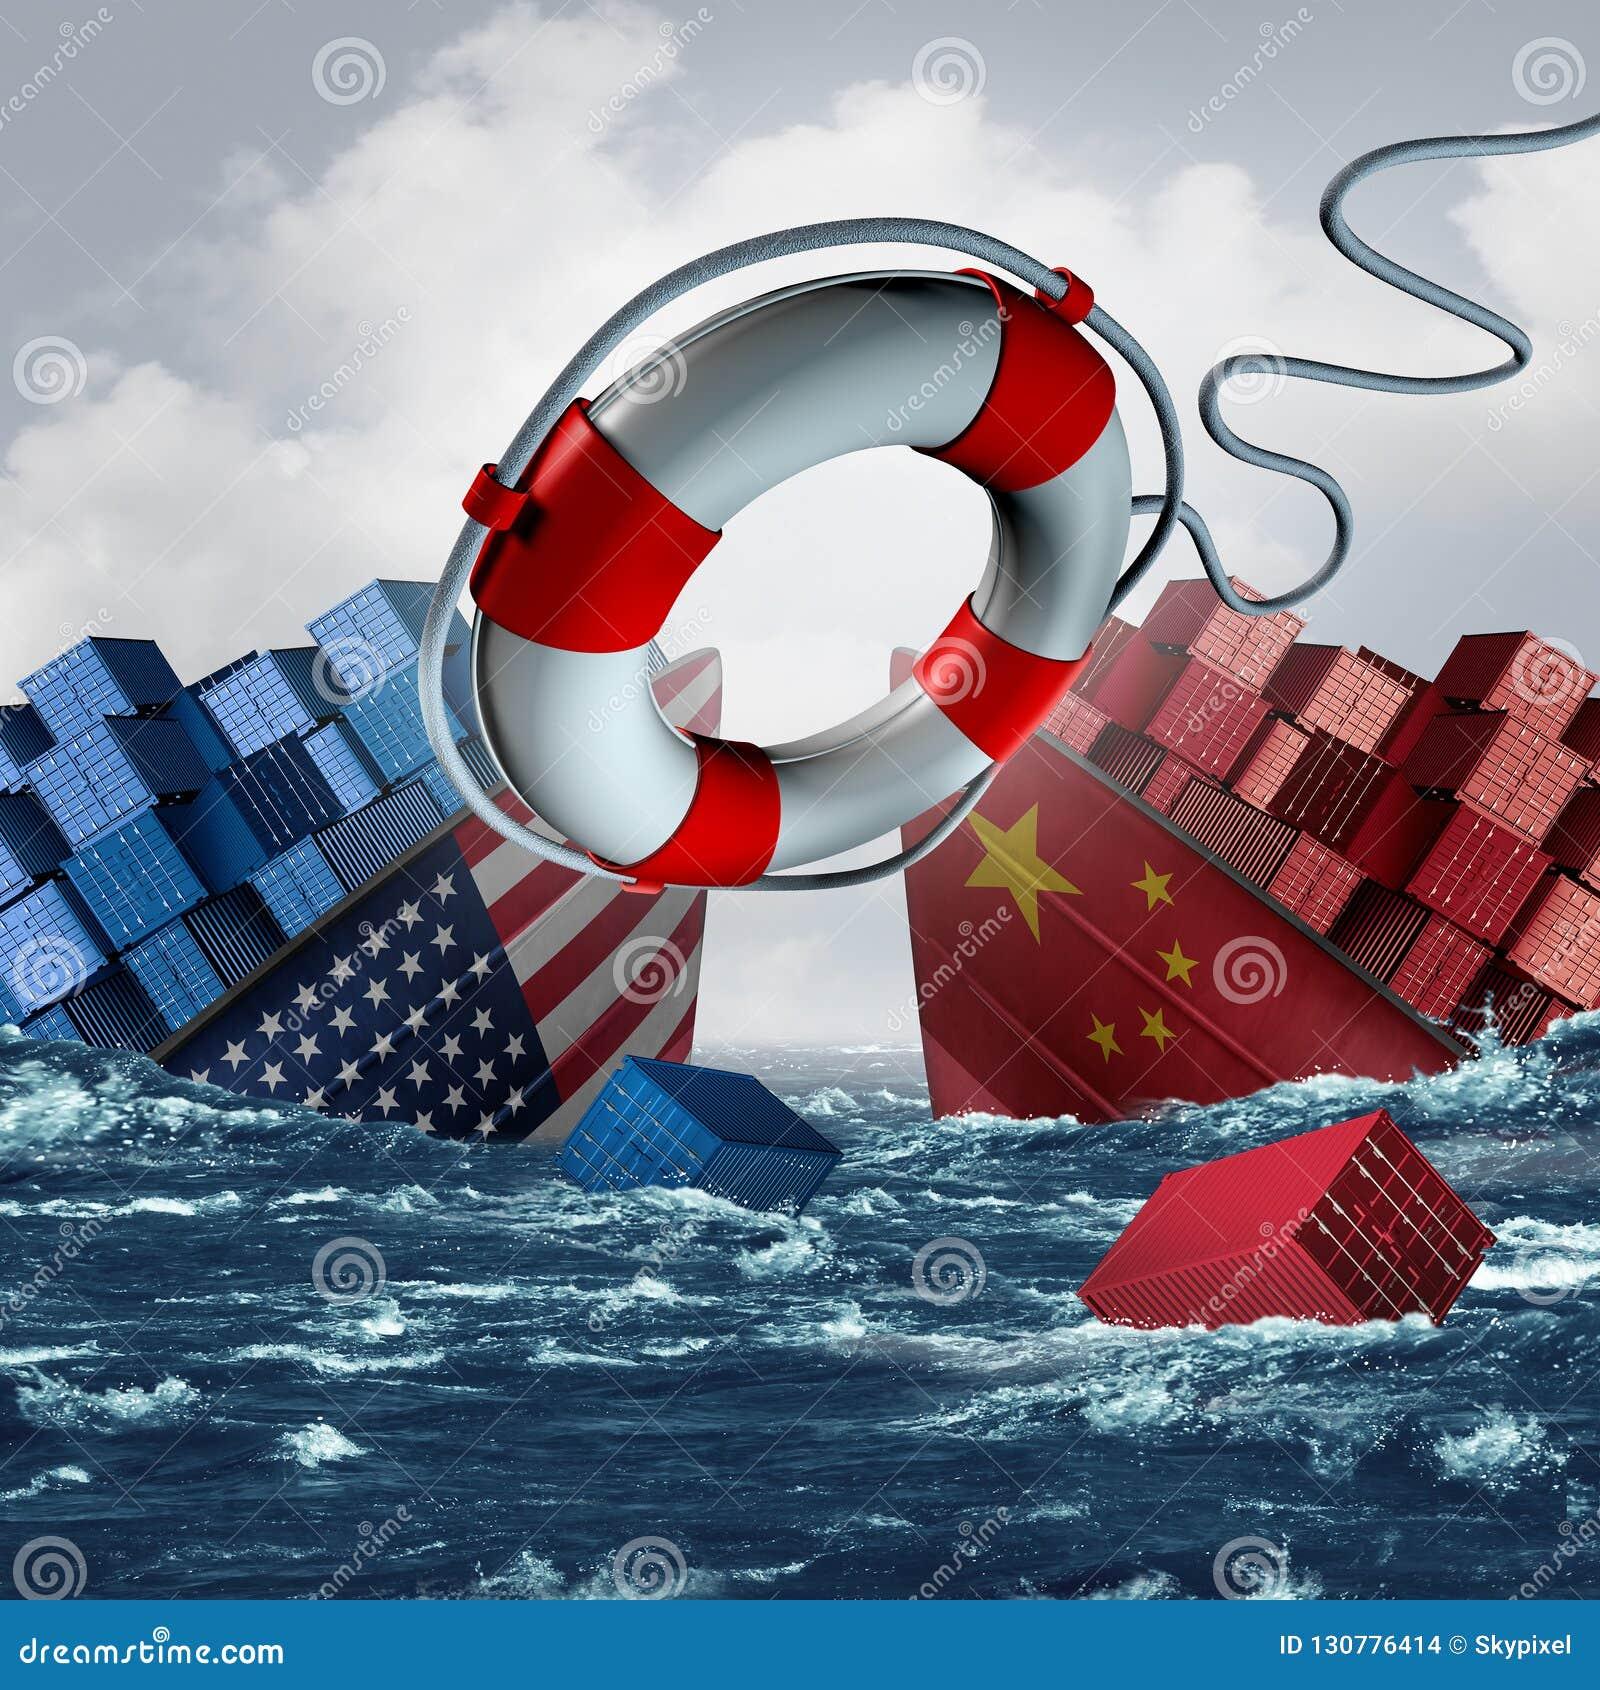 Trade War Solution